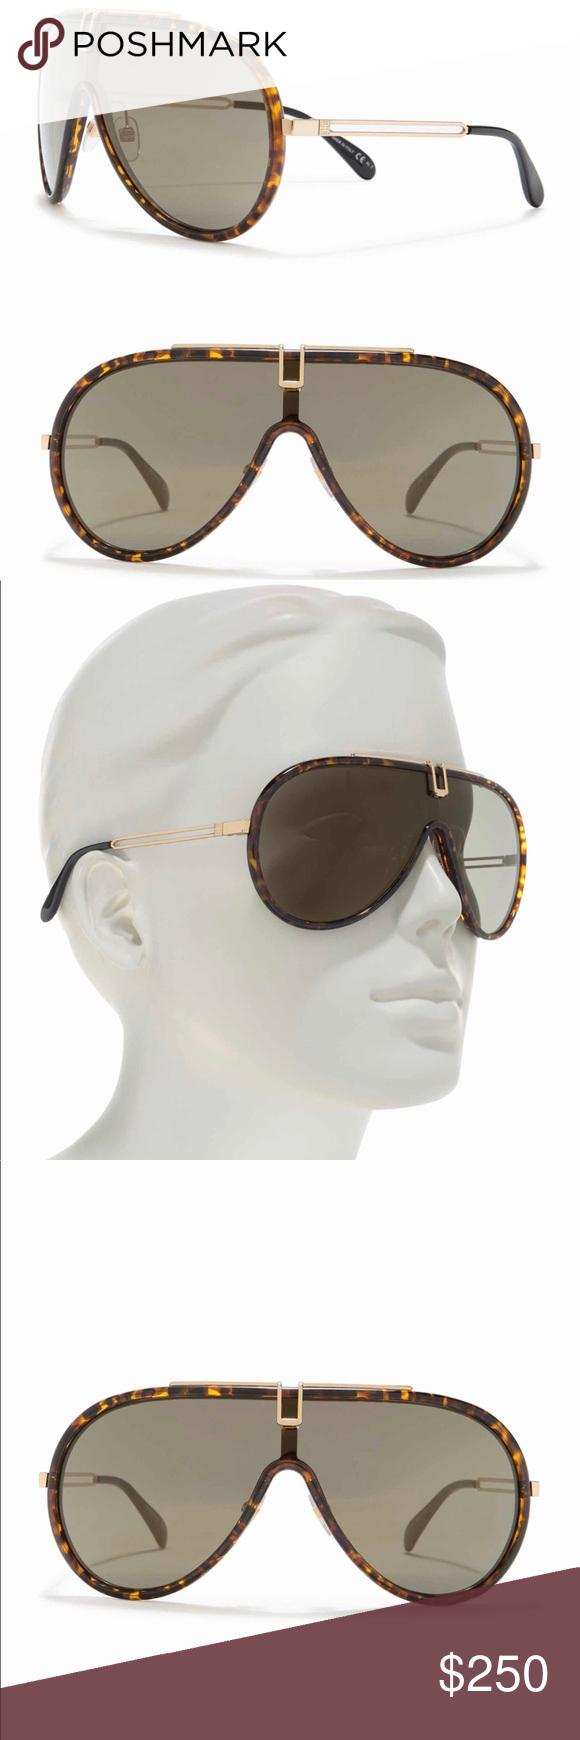 Frame Size Measurements At Glasses Gallery Frame Sizes Frame Prescription Glasses Online